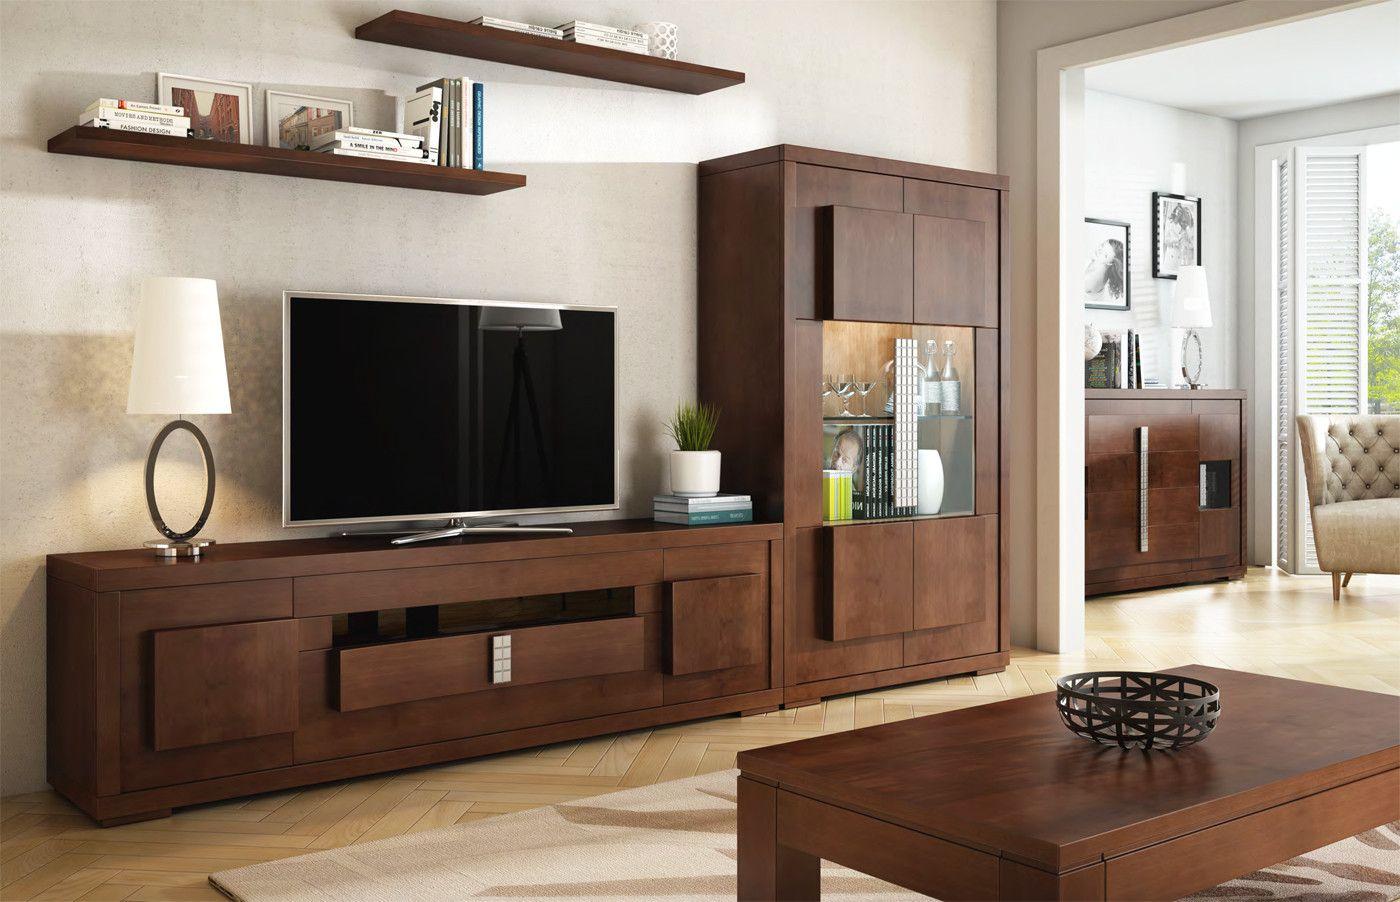 Muebles para sal n de dise o con vitrina con iluminaci n - Disenos para muebles de madera ...